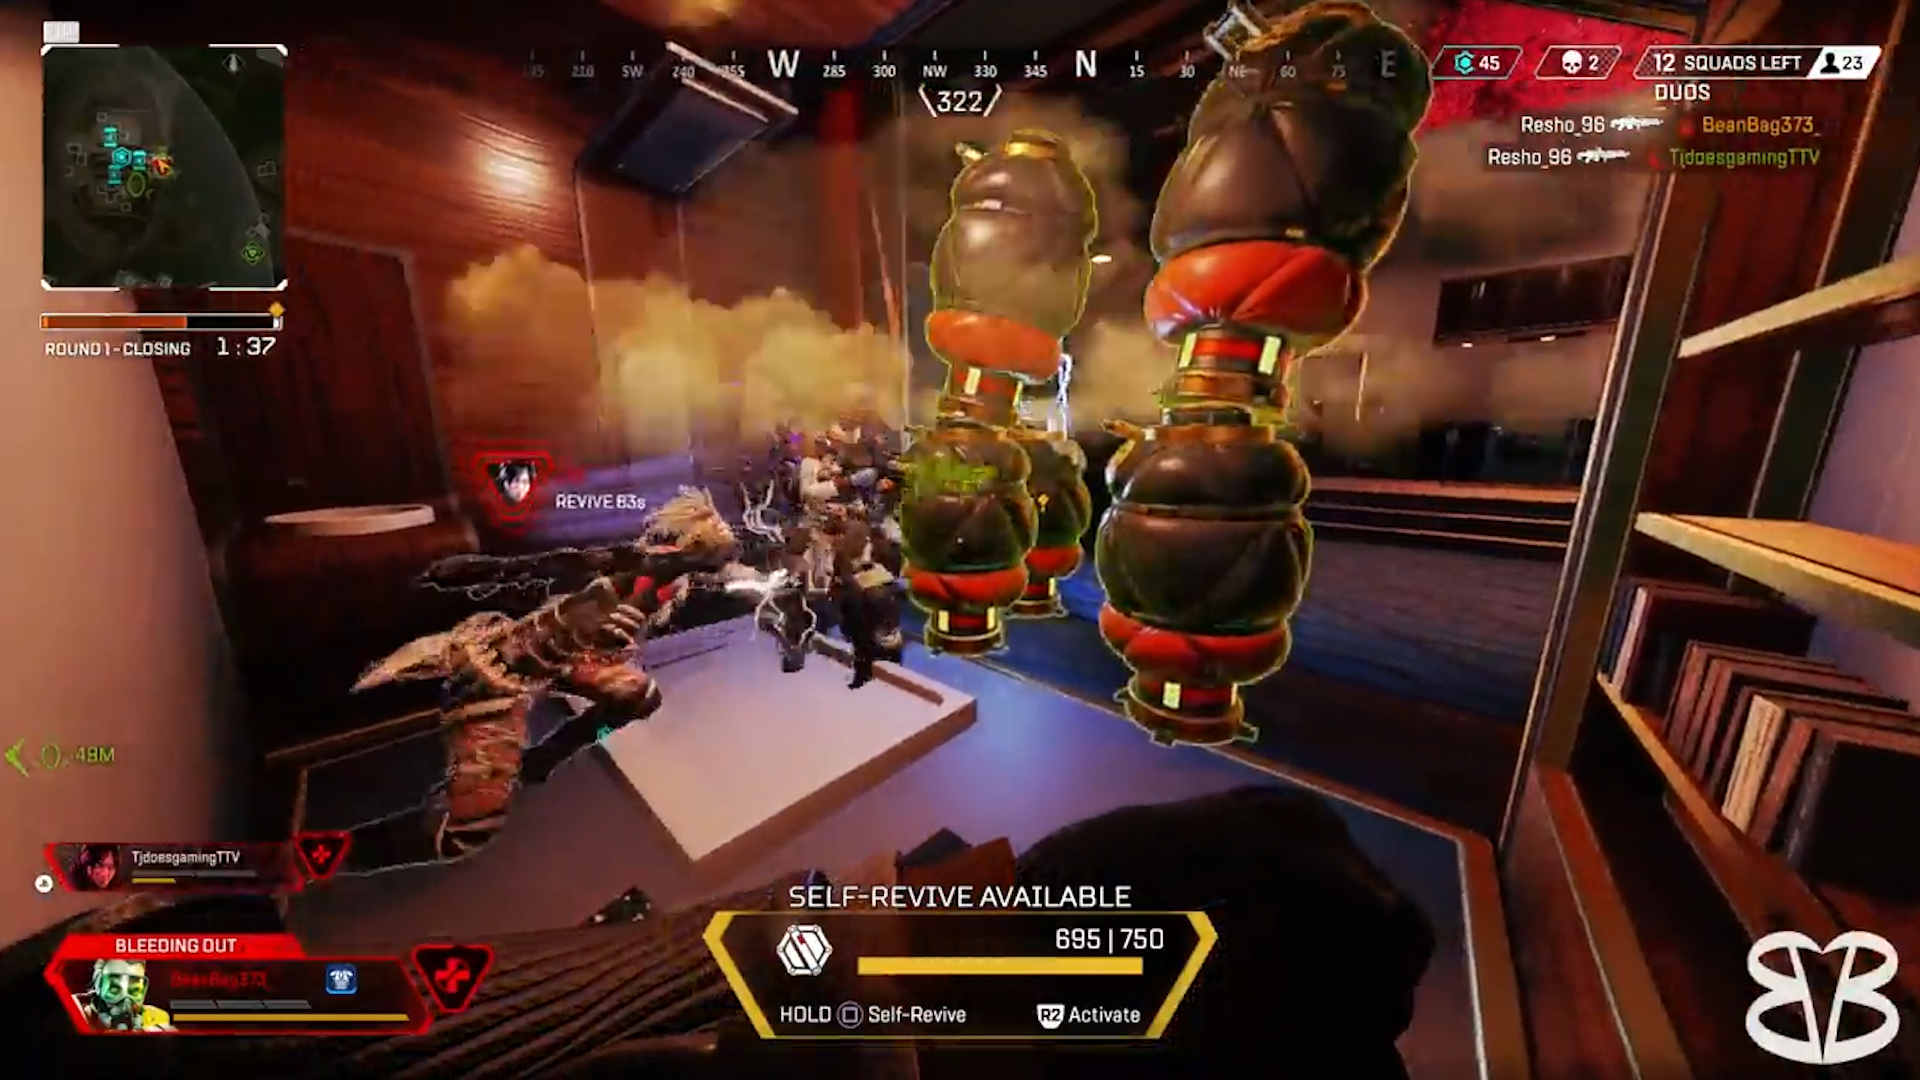 【APEX】自らの命を犠牲にして敵部隊を確実に仕留める「コースティック」と「レイス」の最強コンボがコチラwww